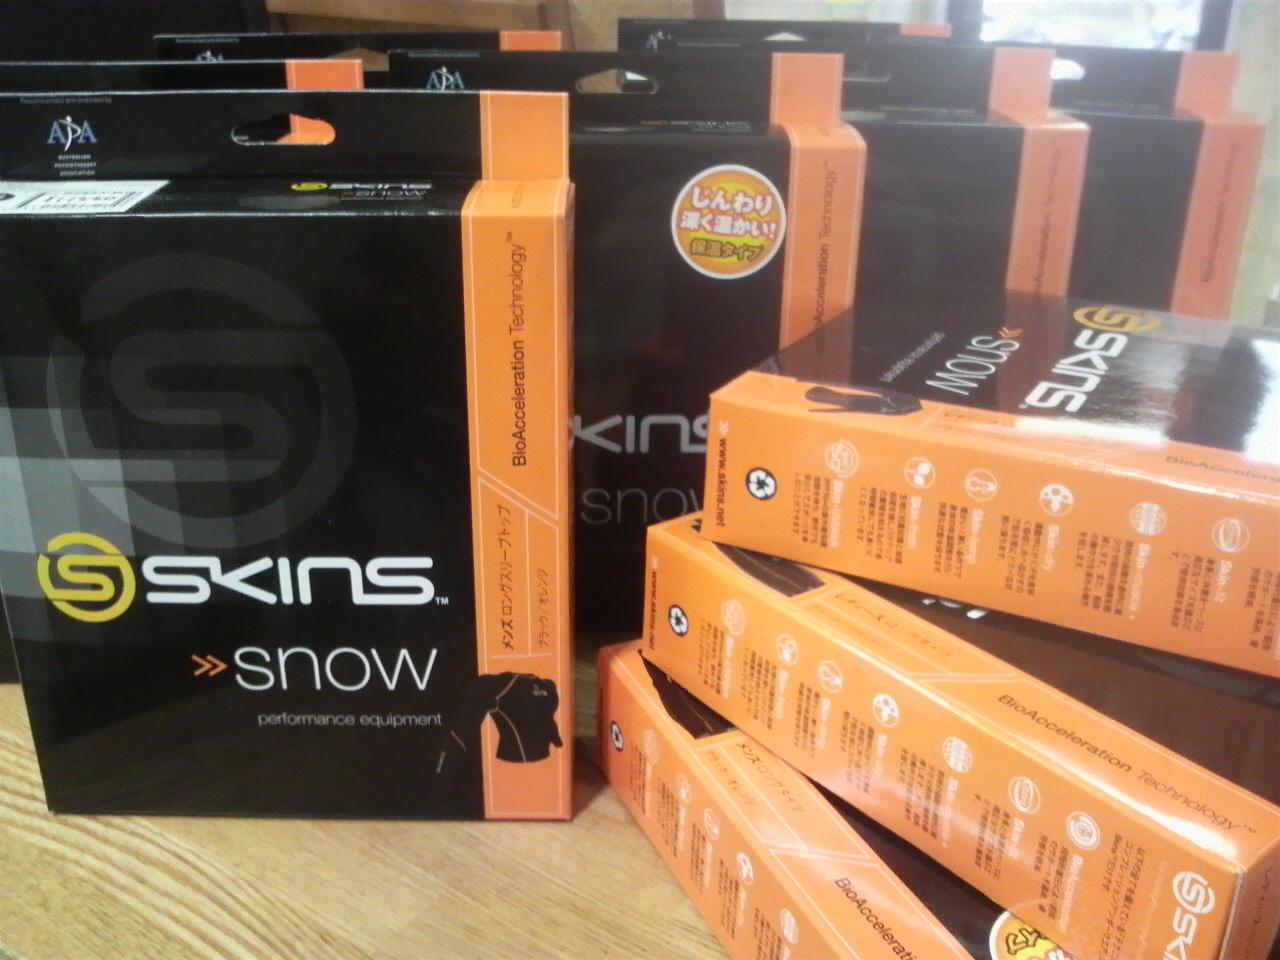 SKINS SNOW ザクッと入荷ヽ(<br />  ・∀・)ノ